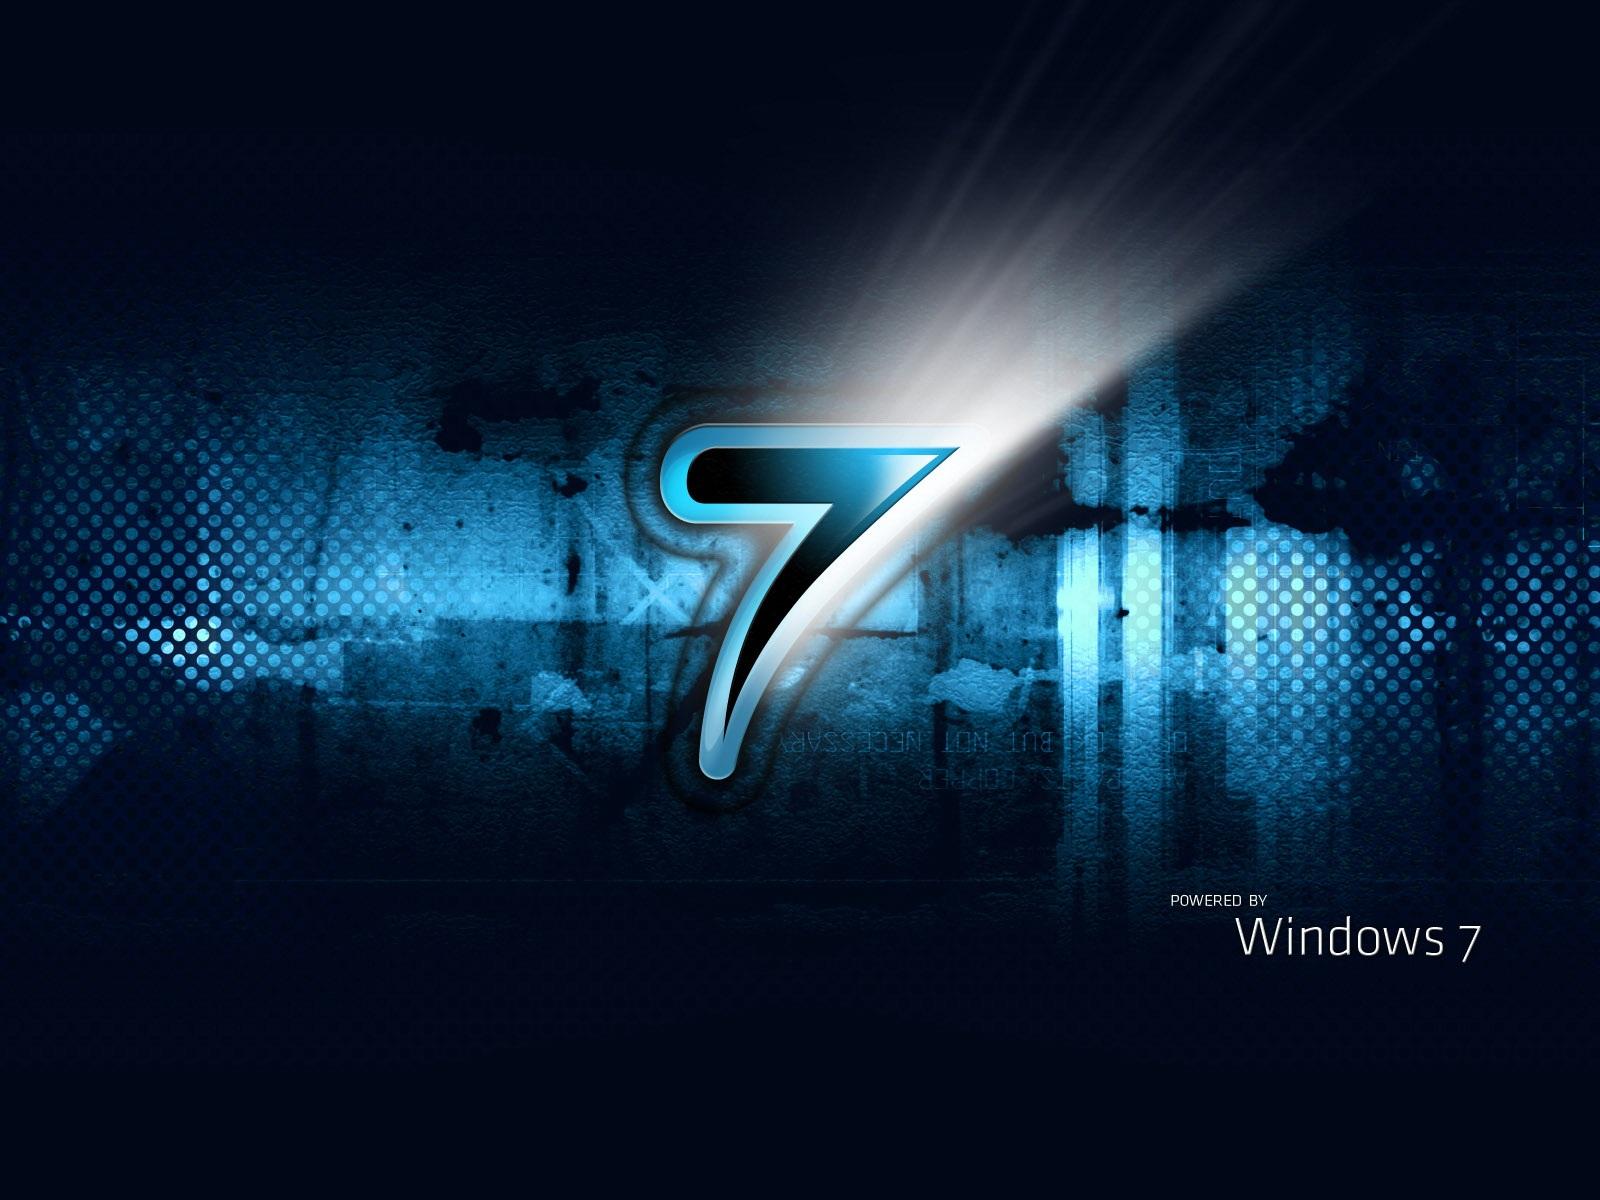 Wallpaper Windows7 Three Dimensional Blue Black 1920x1200 Hd